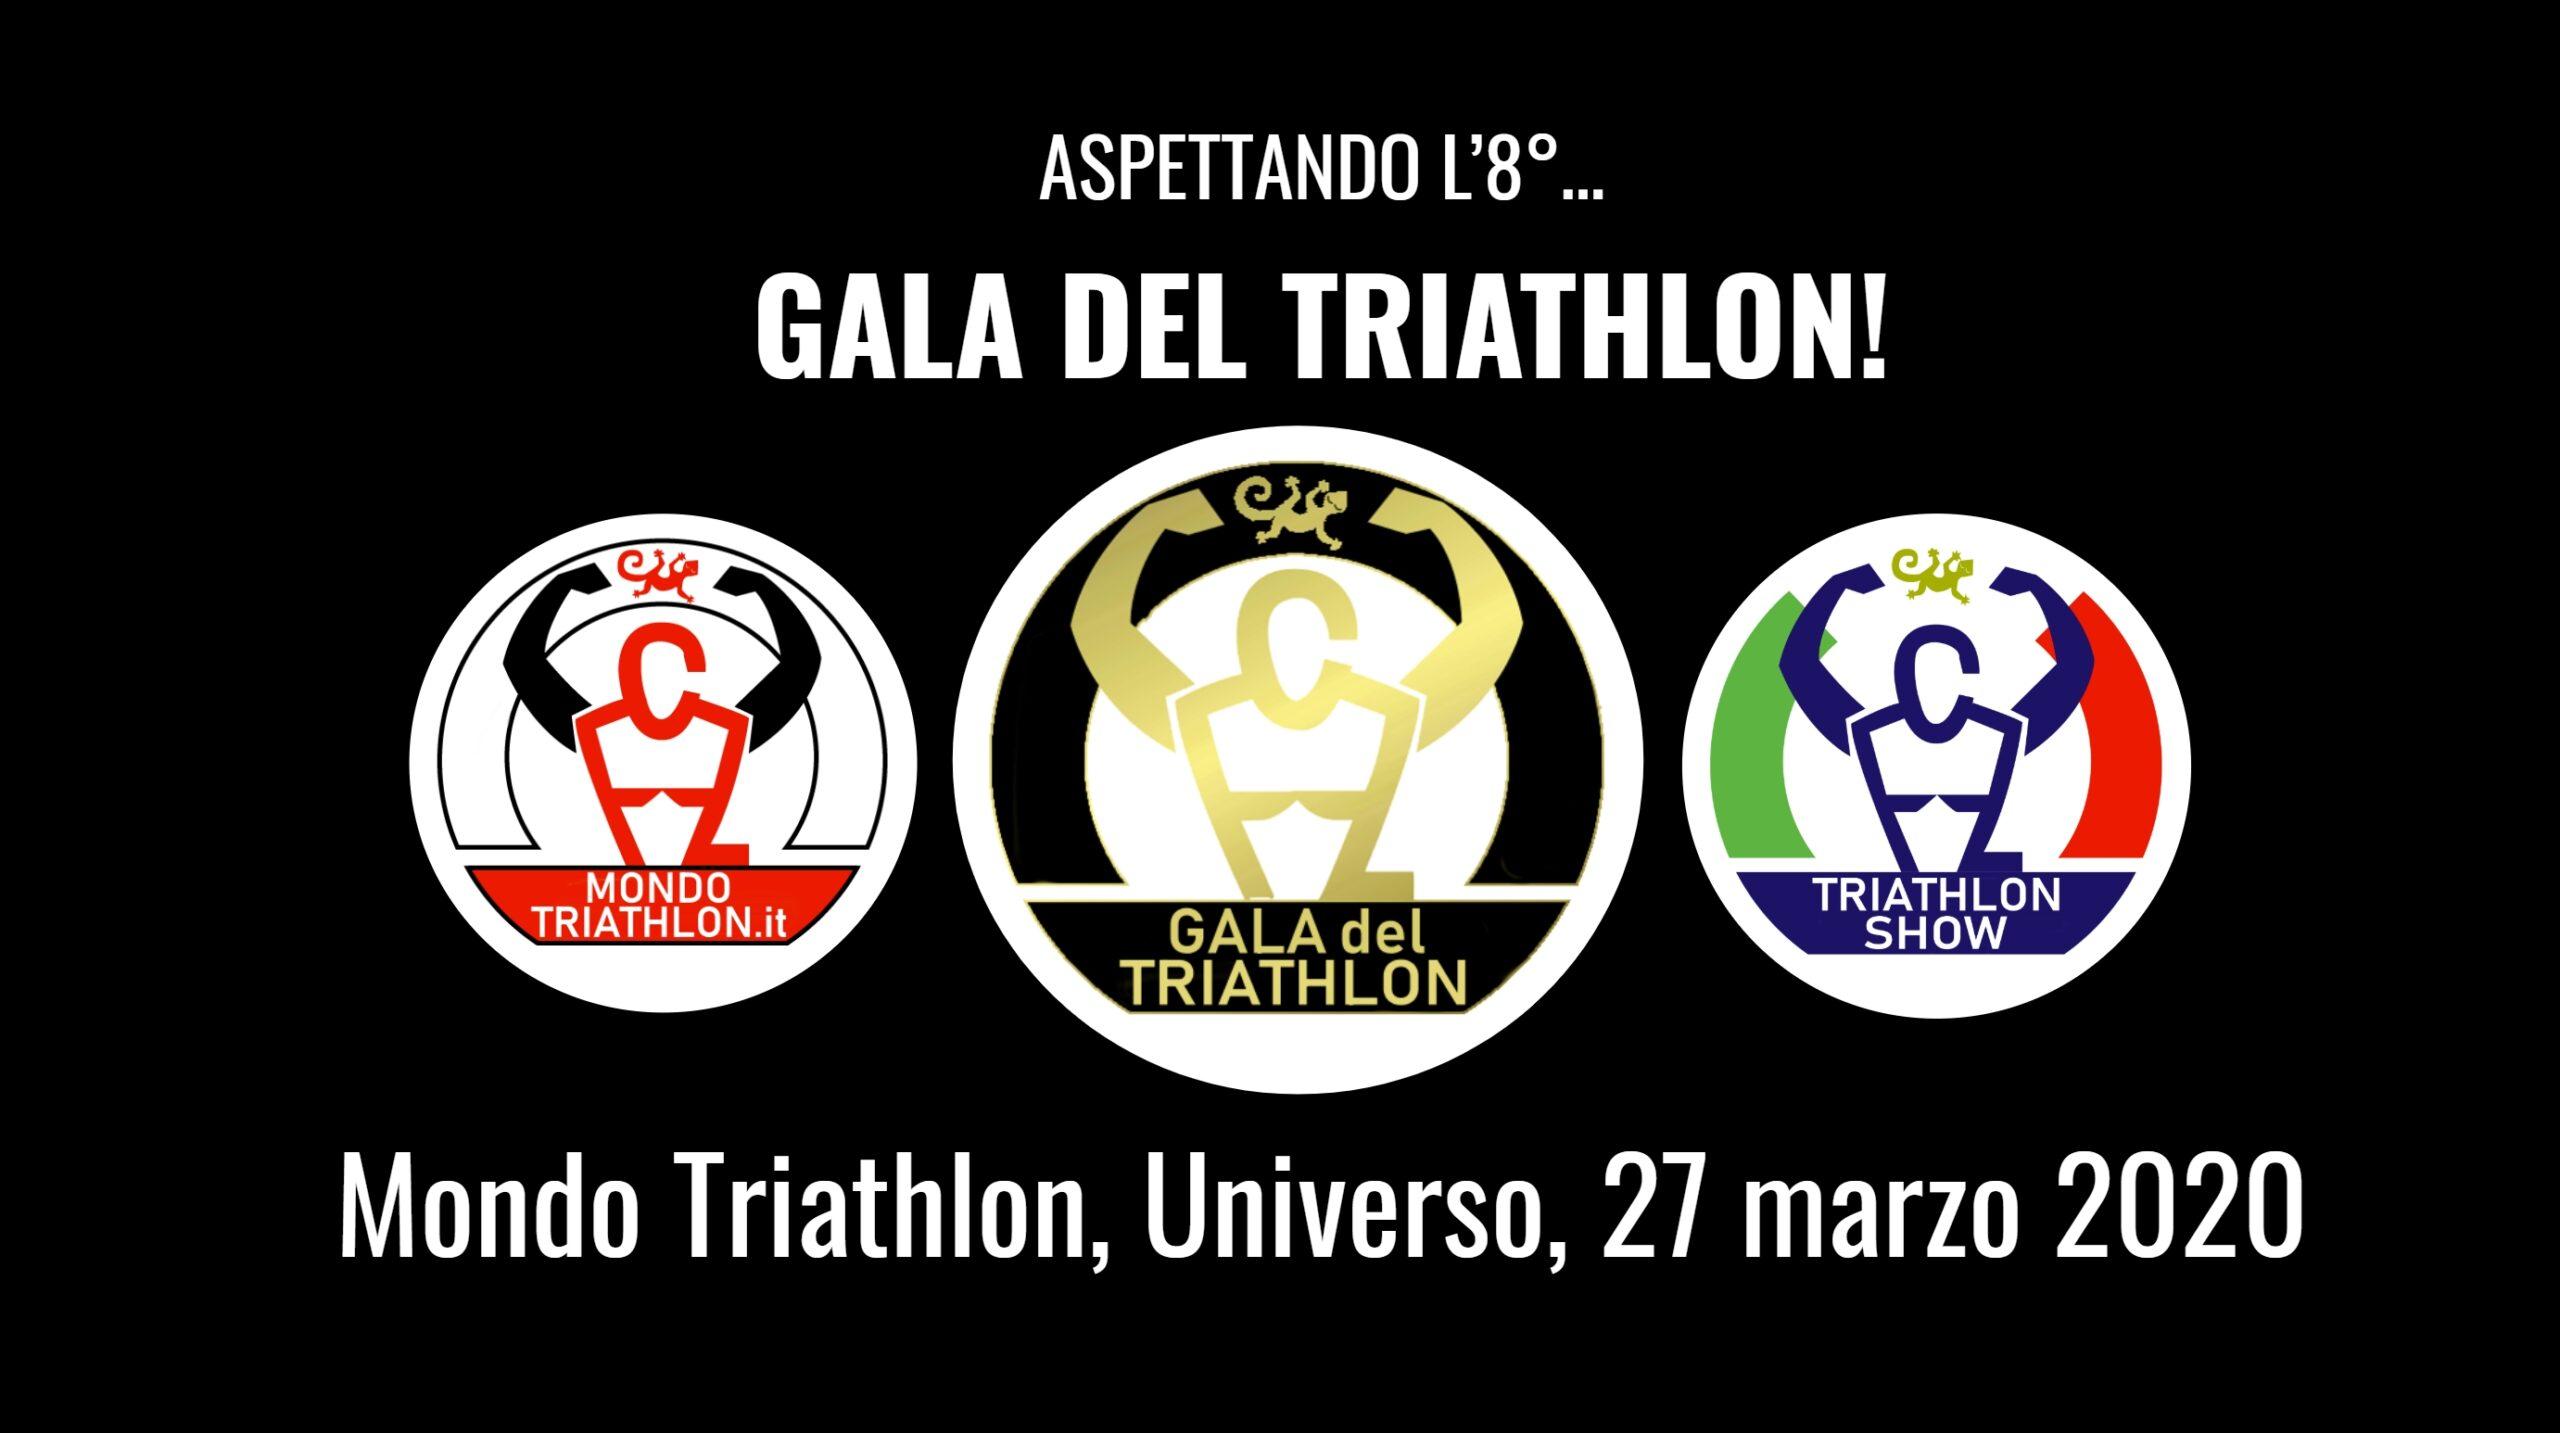 Aspettando il Gala del Triathlon 2020